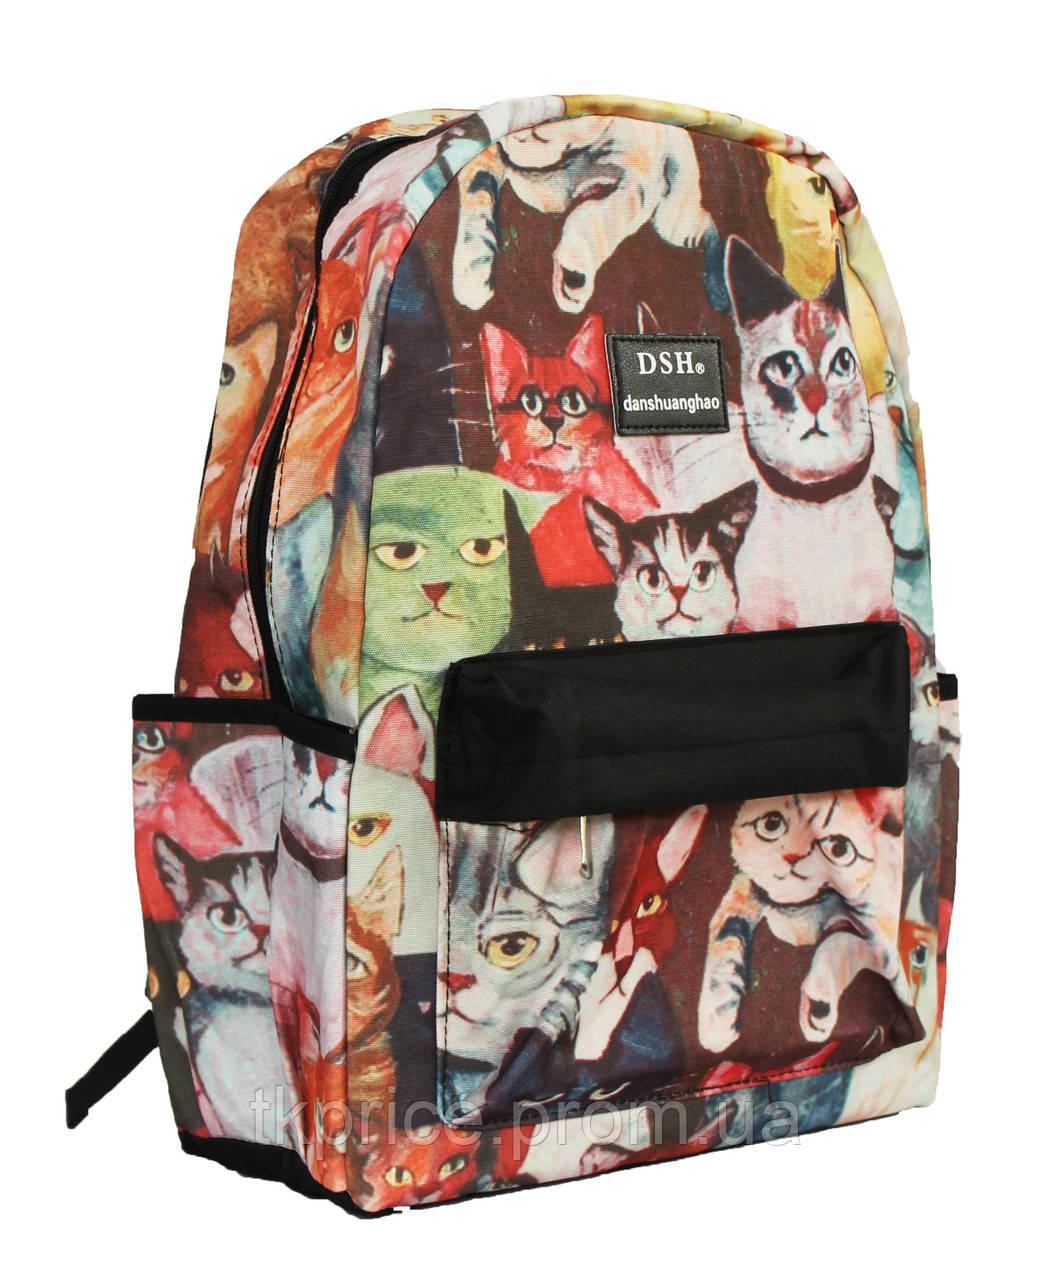 Рюкзак с котами для девочек